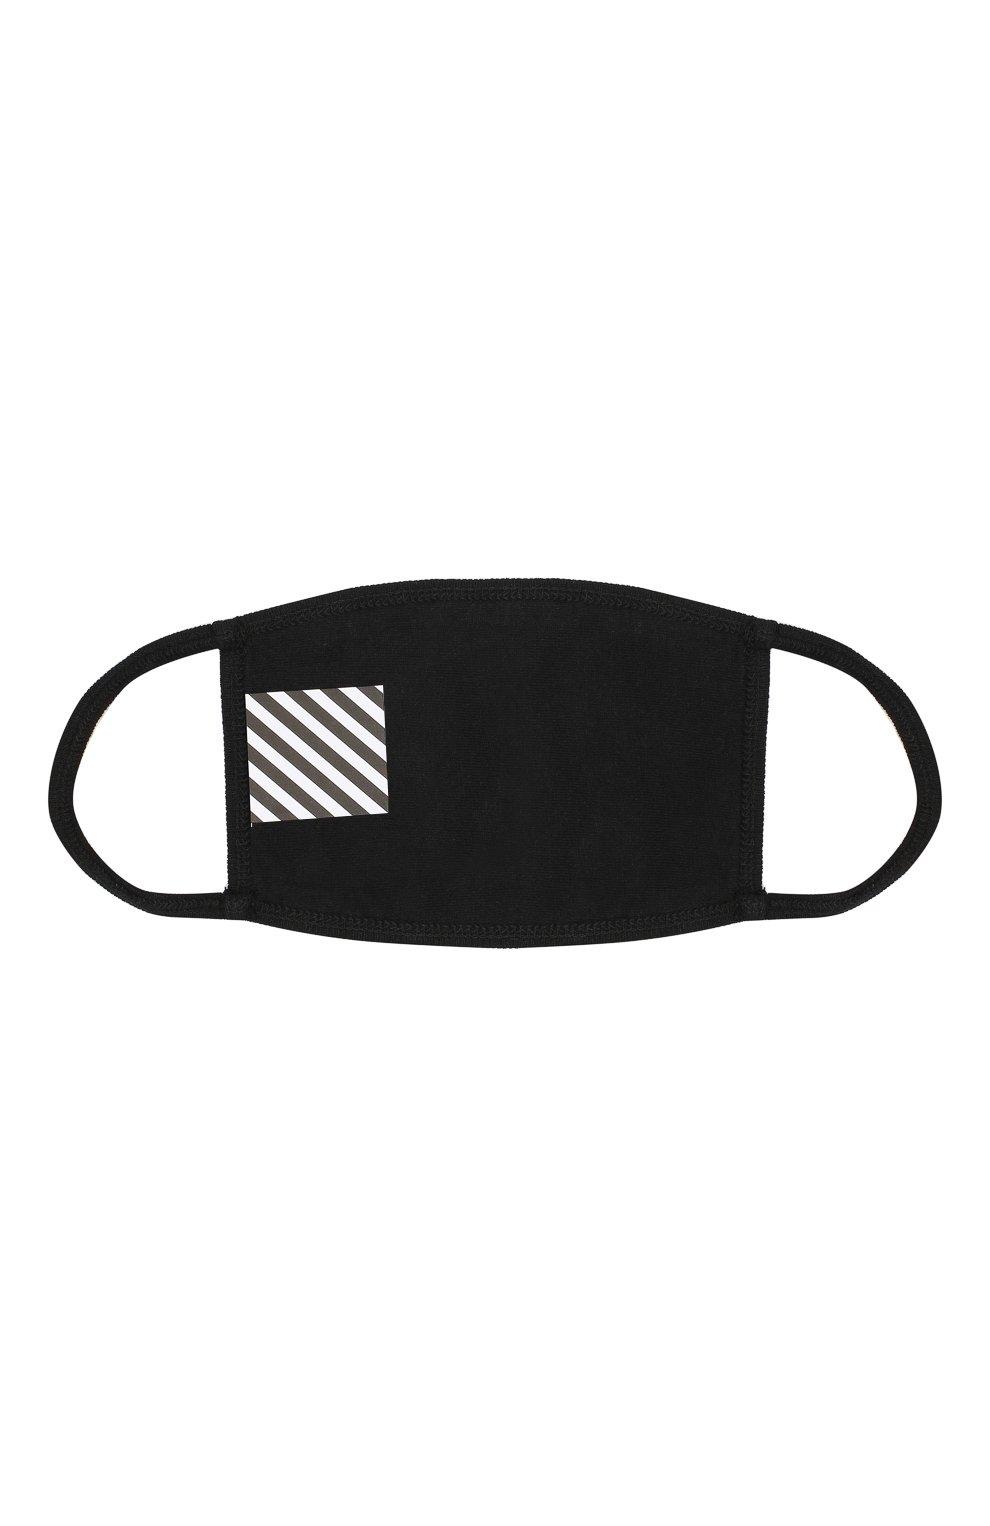 Мужская хлопковая маска для лица OFF-WHITE черного цвета, арт. 0MRG001E191850241001 | Фото 2